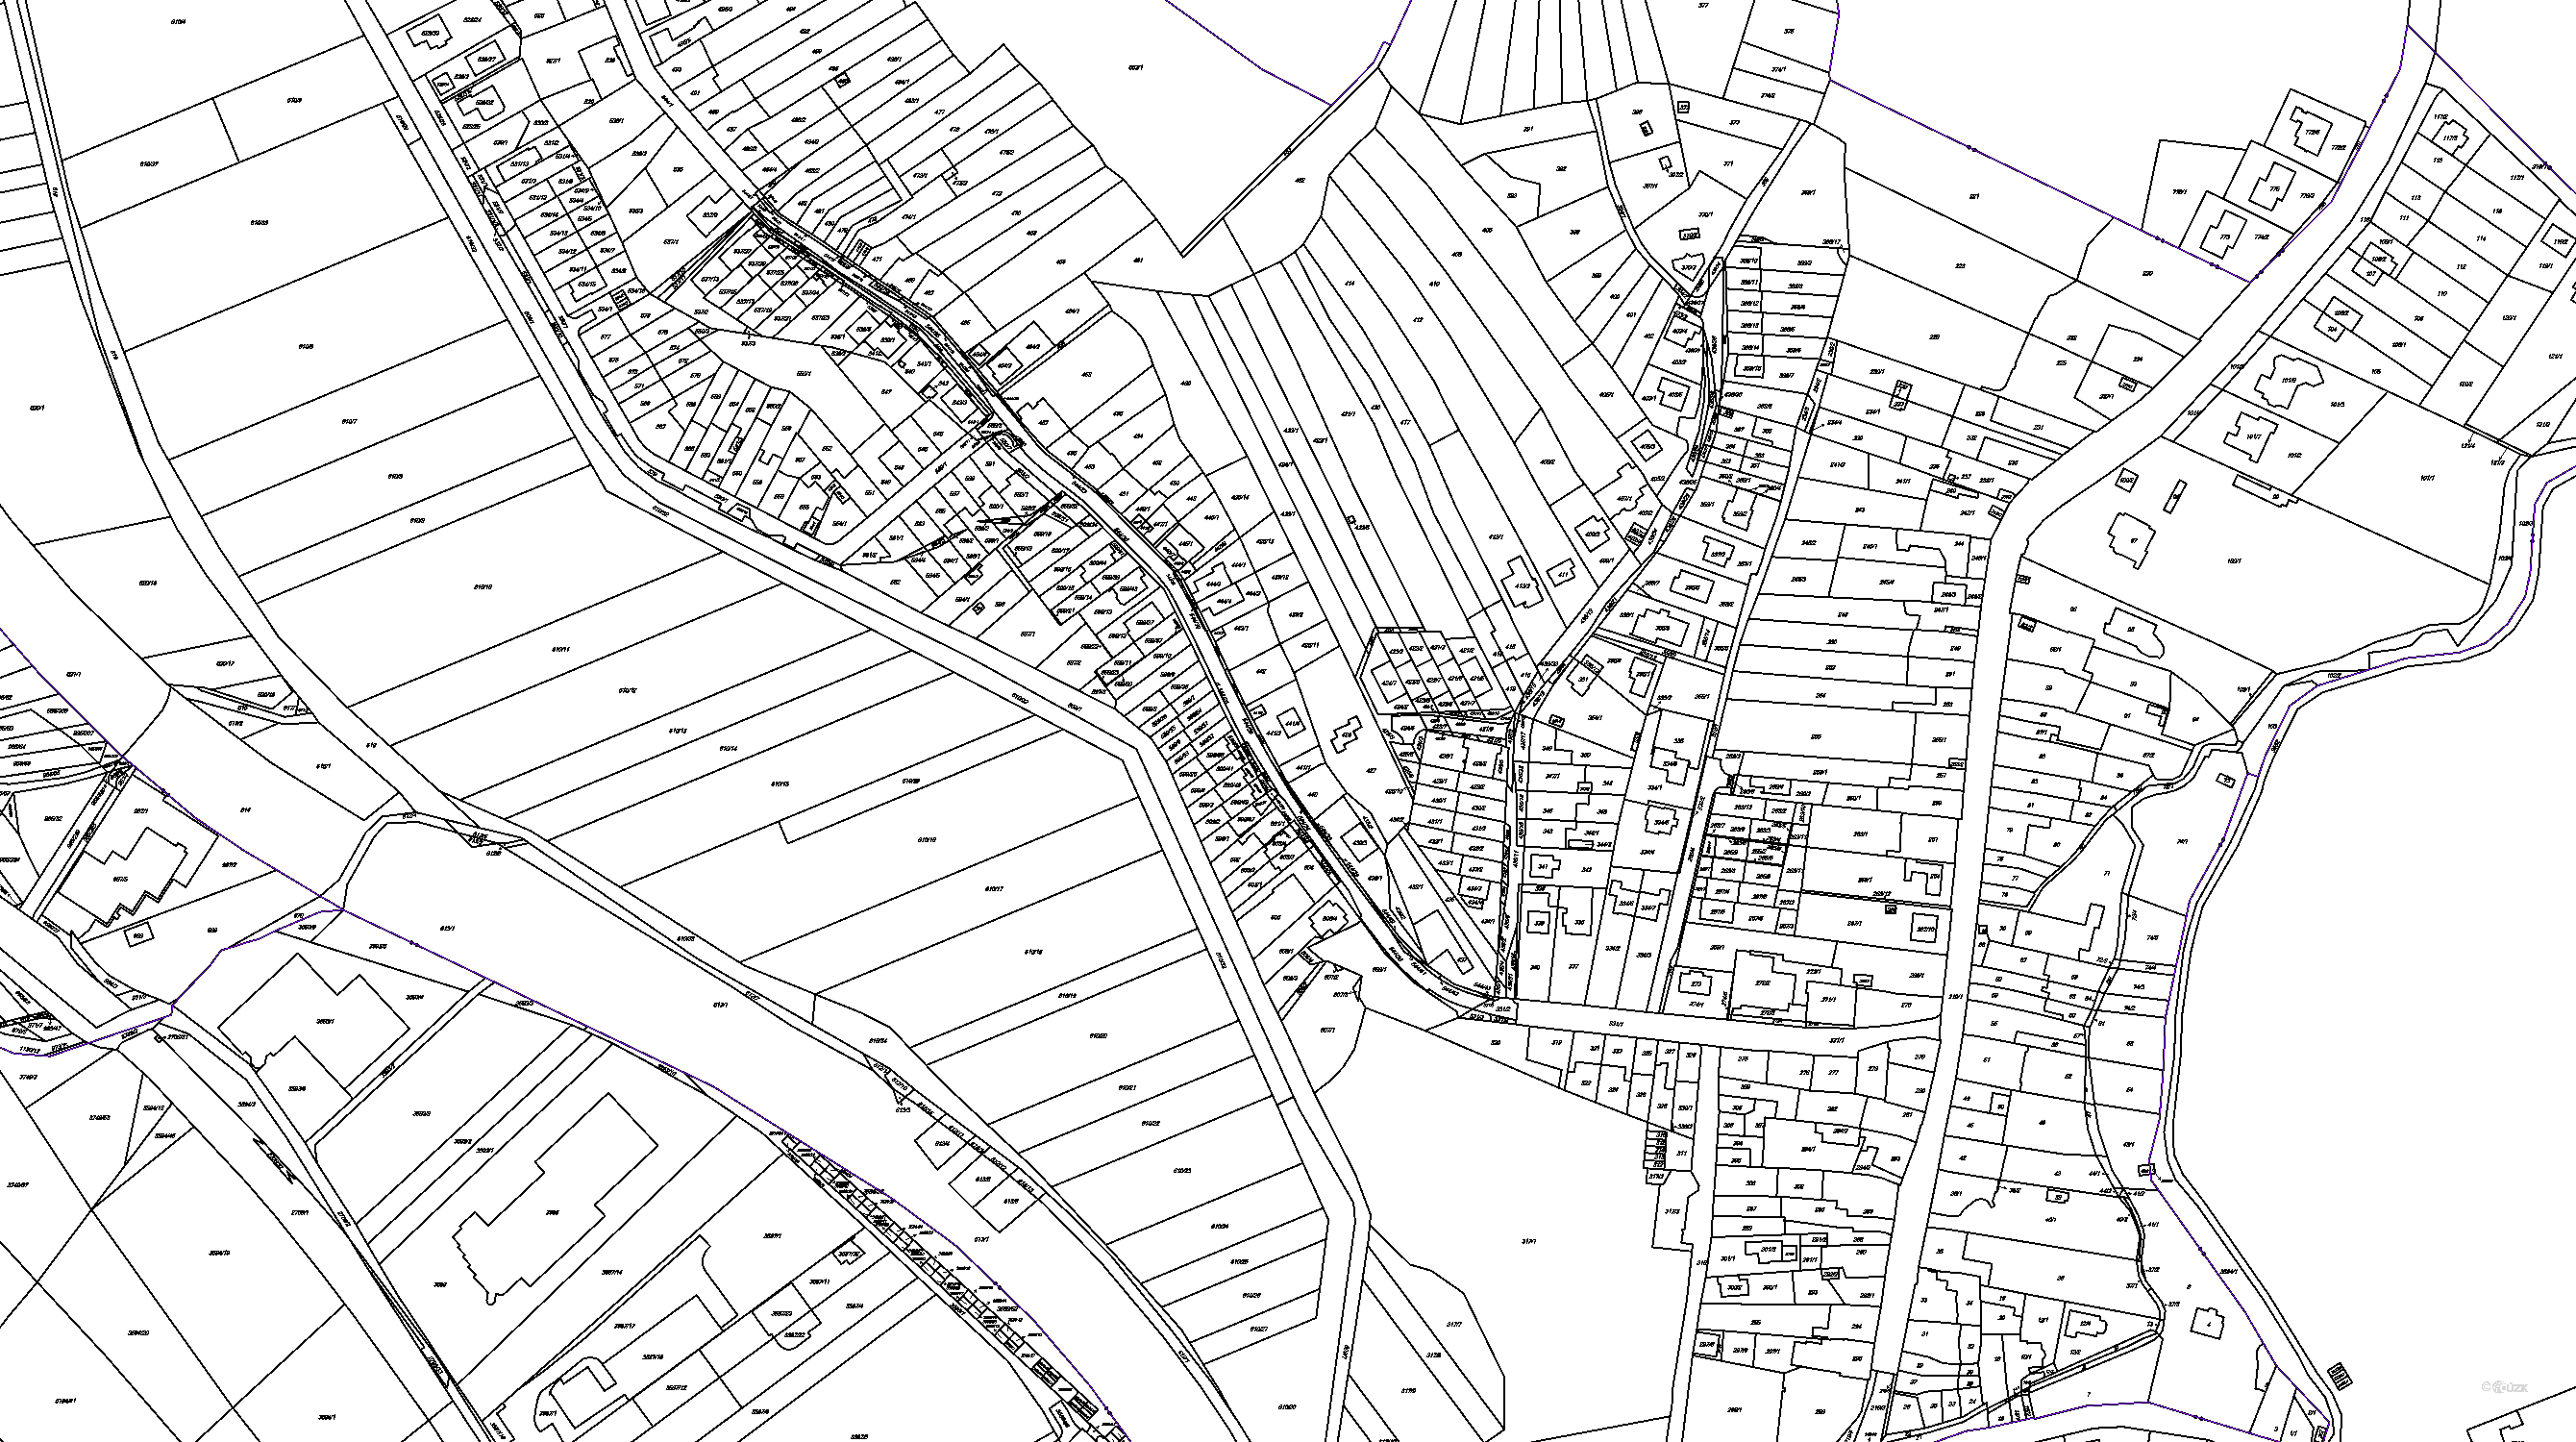 Katastrální mapa pozemků a čísla parcel Mokrá Hora